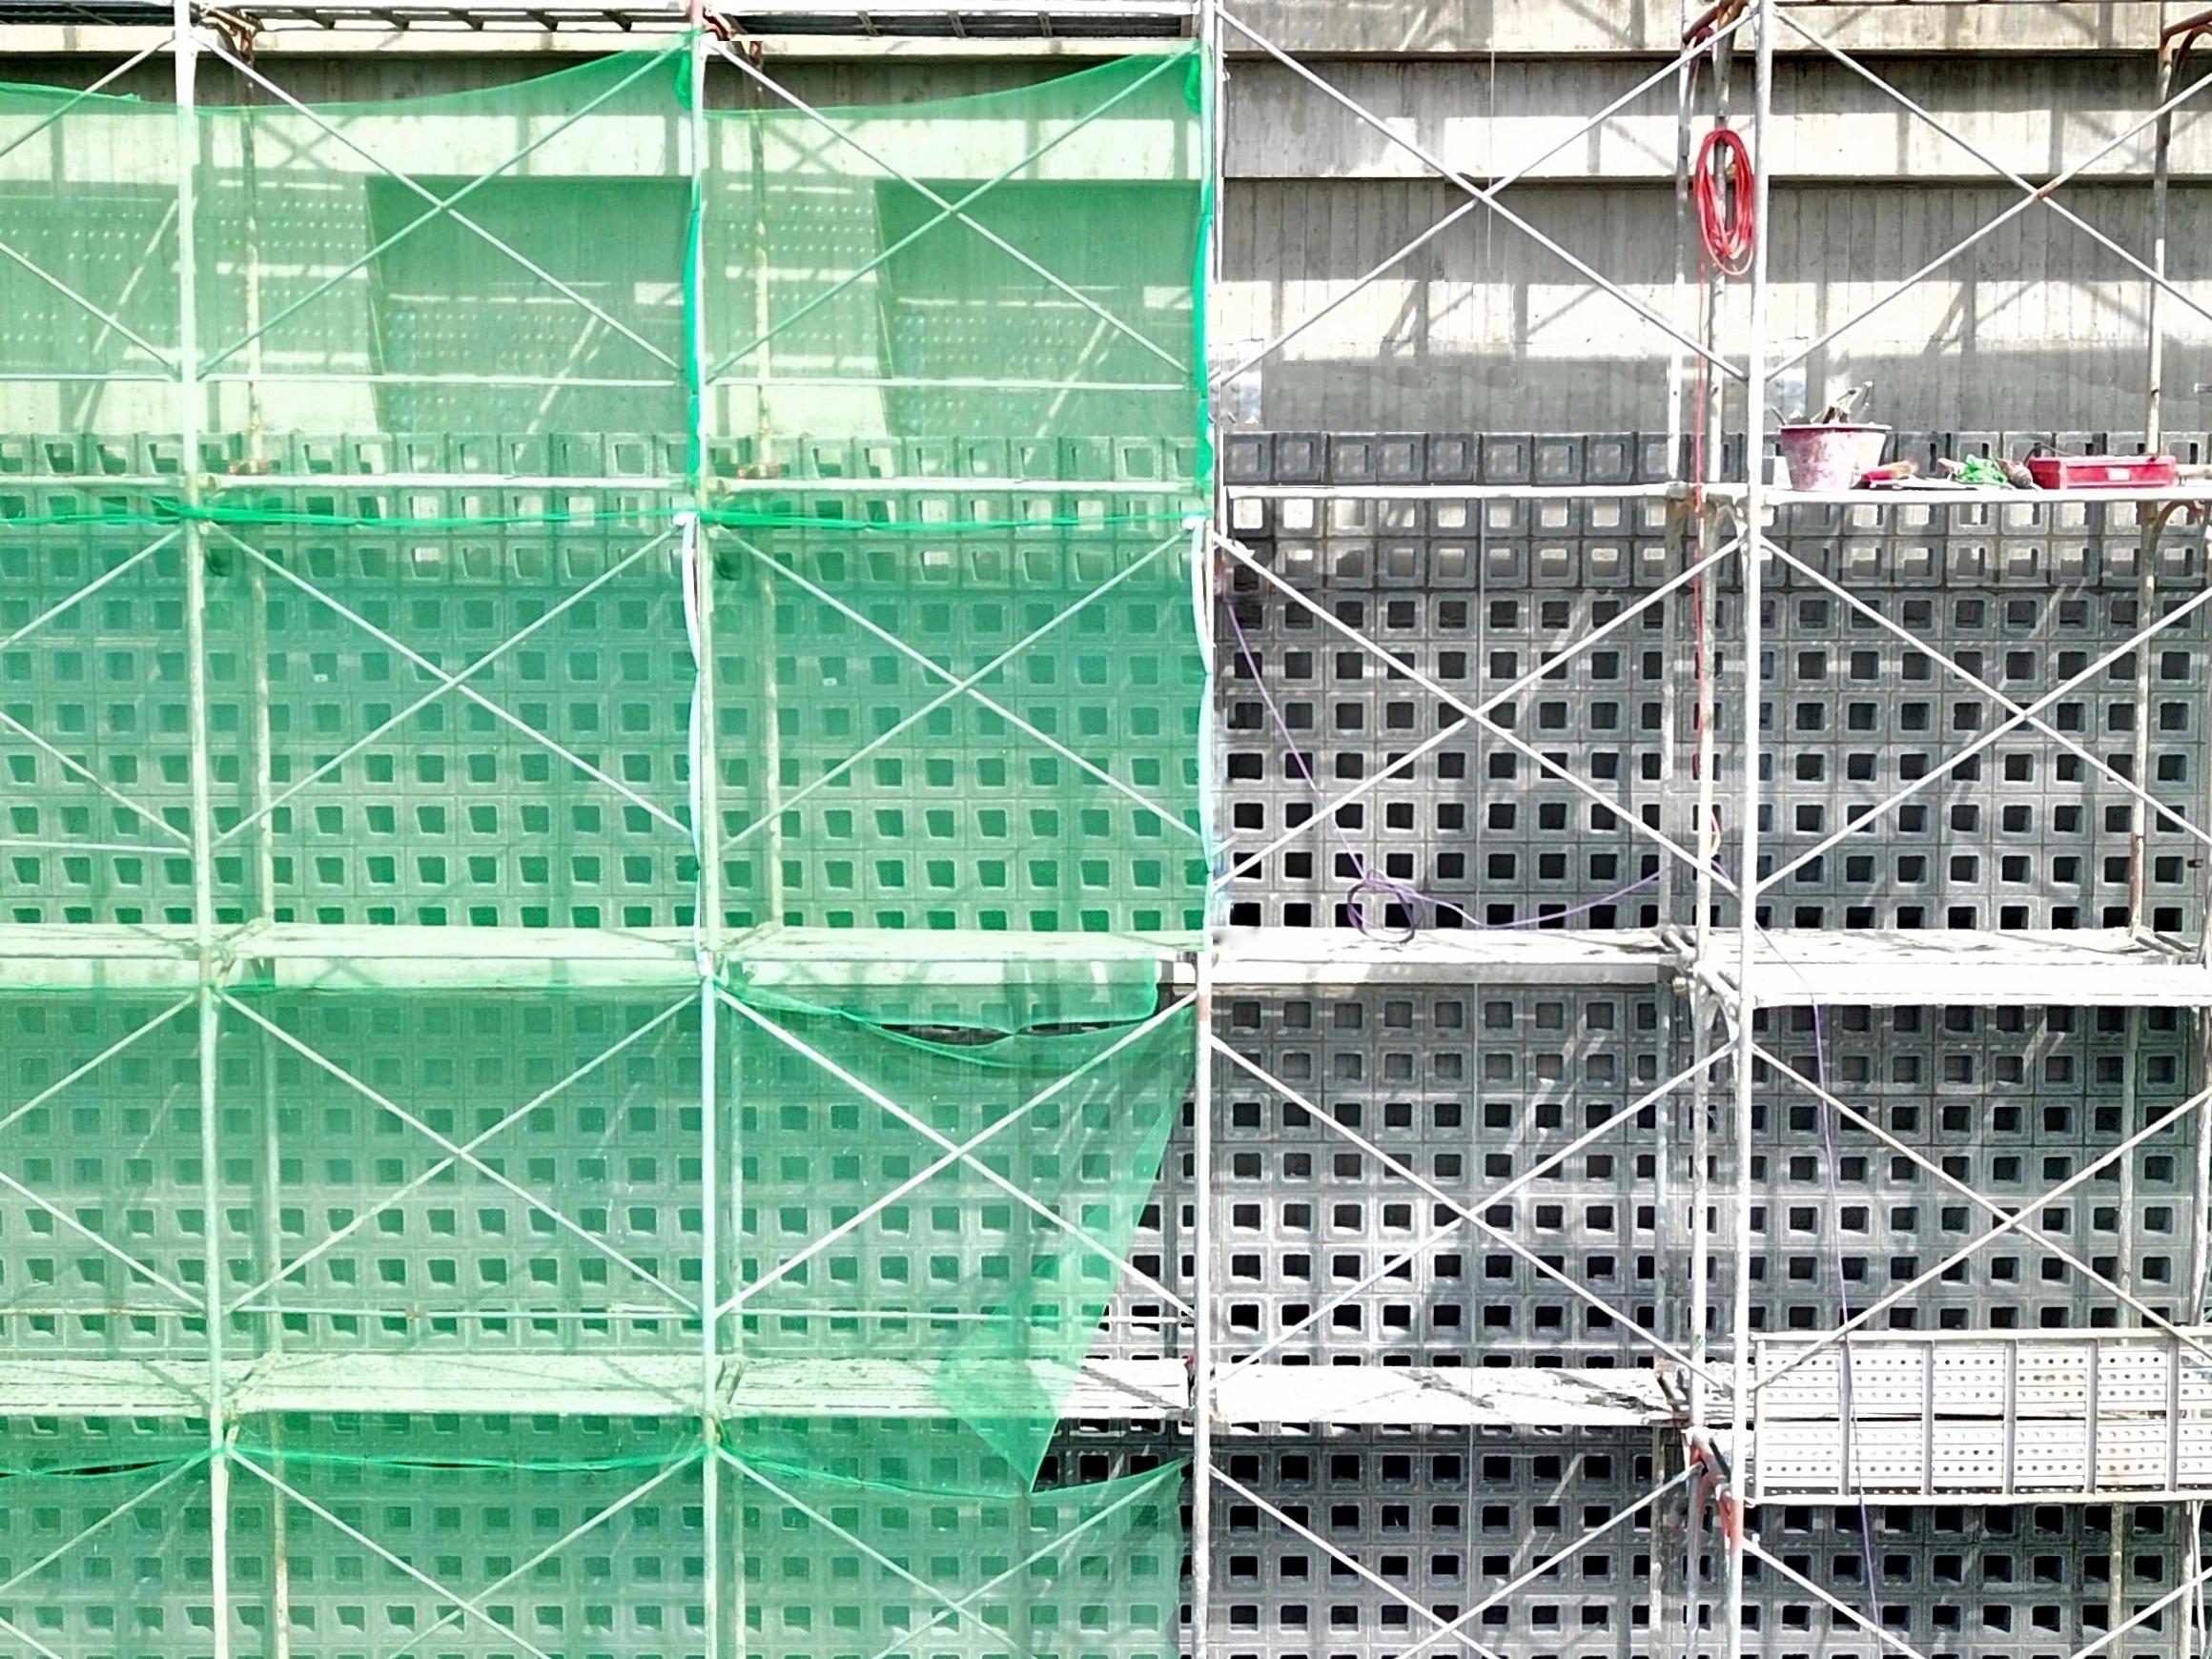 德築-DEZU-project-Zutian-architecture-real-estate-engineering-hollow-brick-4